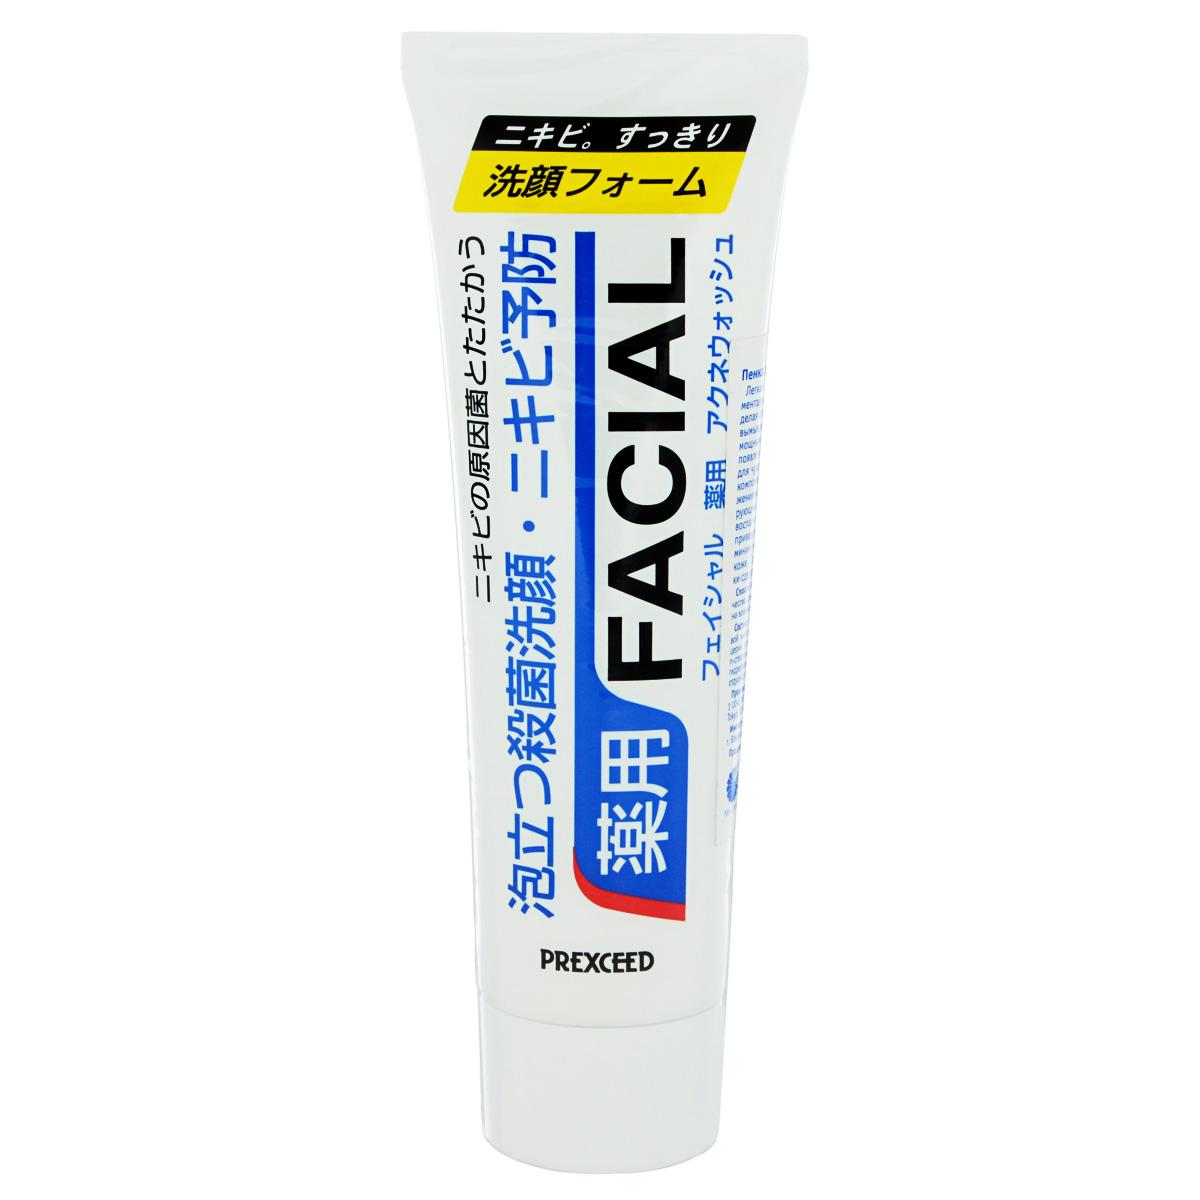 Yanagiya Пенка для умывания для проблемной кожи 140гC00273Легкая пенка обладает невероятной силой! Моментально вытягивает из глубины пор загрязнения, делая кожу светлой и чистой. Мягко, но без остатка вымывая частички пыли из кожи, пенка обладает мощным антибактериальным эффектом, препятствуя появлению черных точек. Пенка идеально подойдет для чувствительной и раздраженной кожи, так как компоненты средства помогут справиться с раздражениями. Мятное масло, ментол - обладает стимулирующим и тонизирующим воздействием. Противовоспалительное действие мятного масло постепенно приведет к заживлению старых ранок и сведет к минимуму пояление новых угрей и гнойничков на коже. Противомикробный компонент в составе пенки сделает вашу кожу чистой и здоровой.